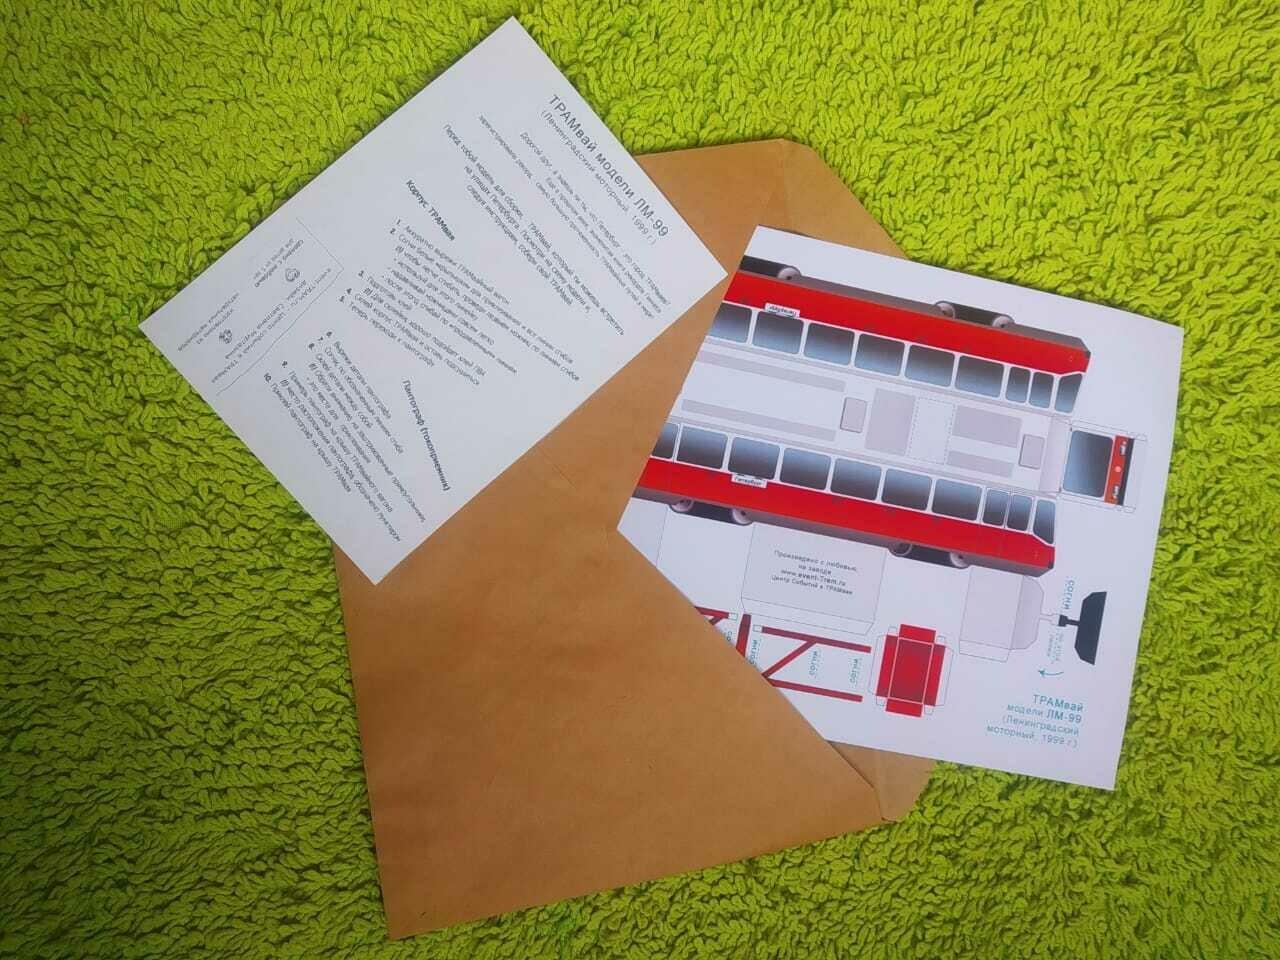 ТРАМвай ЛМ-99, модель для склейки